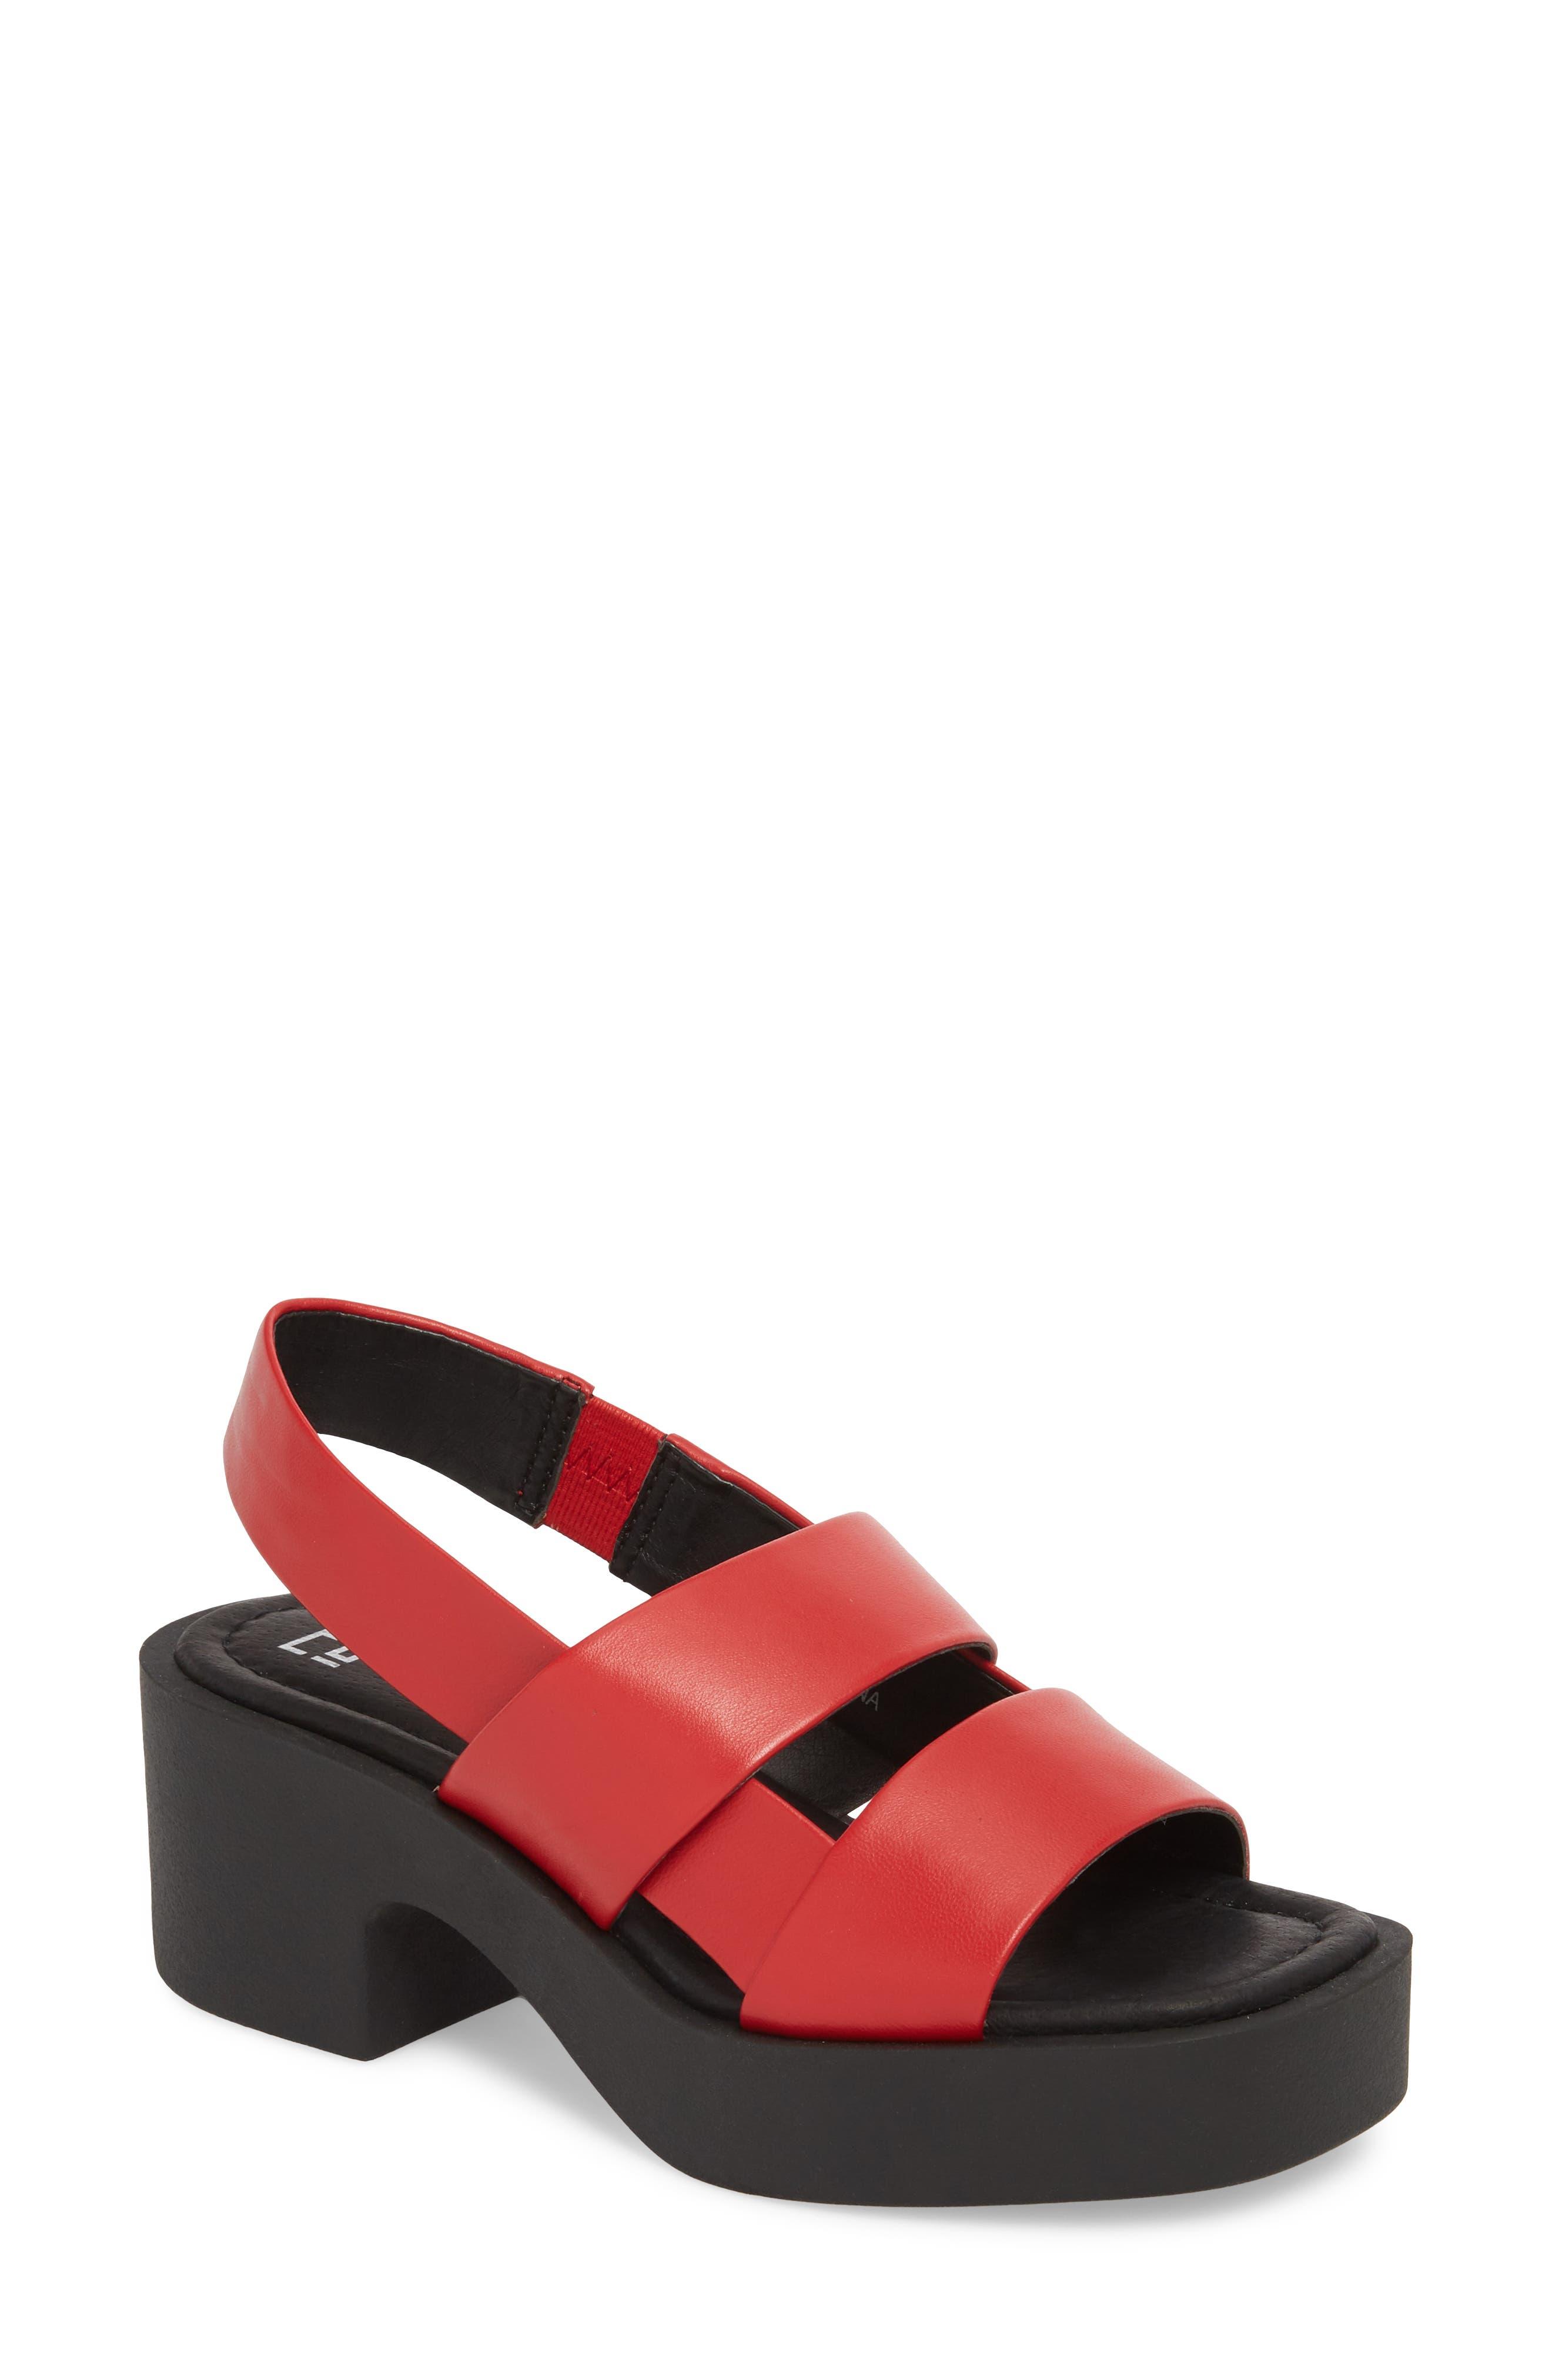 Hazel Slingback Sandal,                         Main,                         color, Red Leather